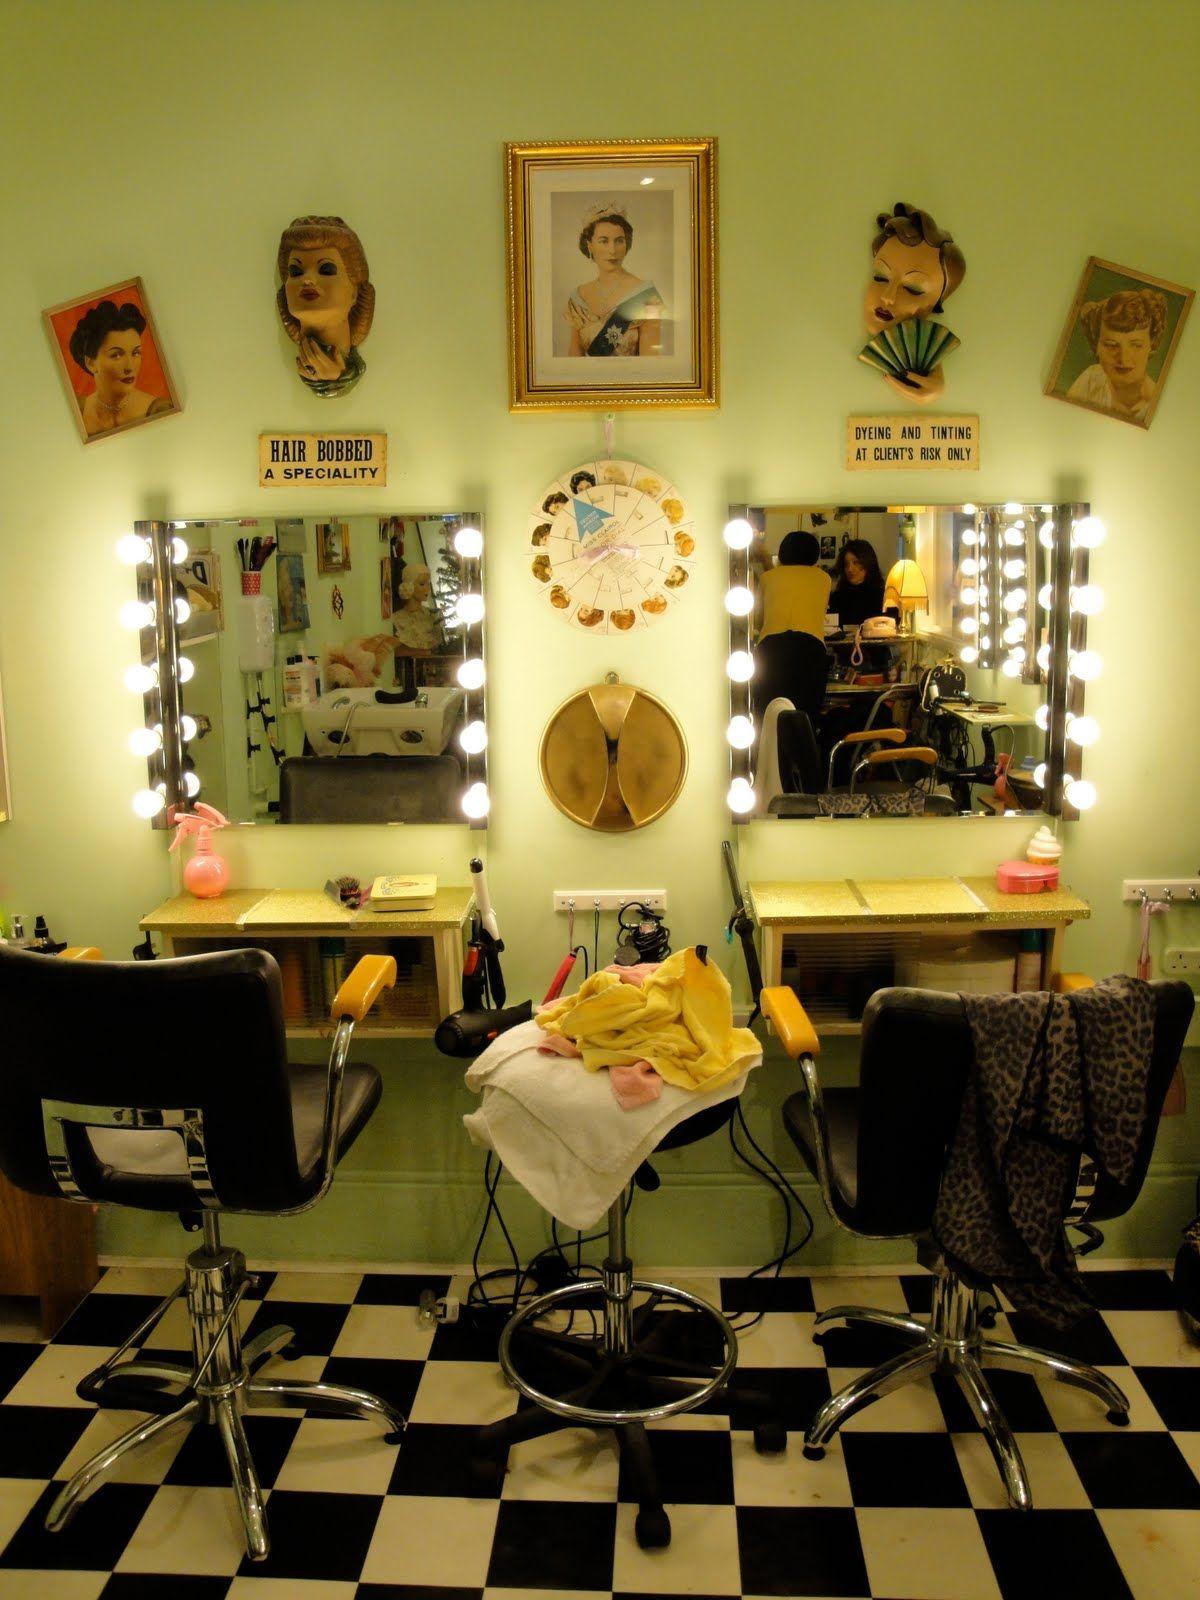 Vintage Salon Decor Ideas - Elitflat